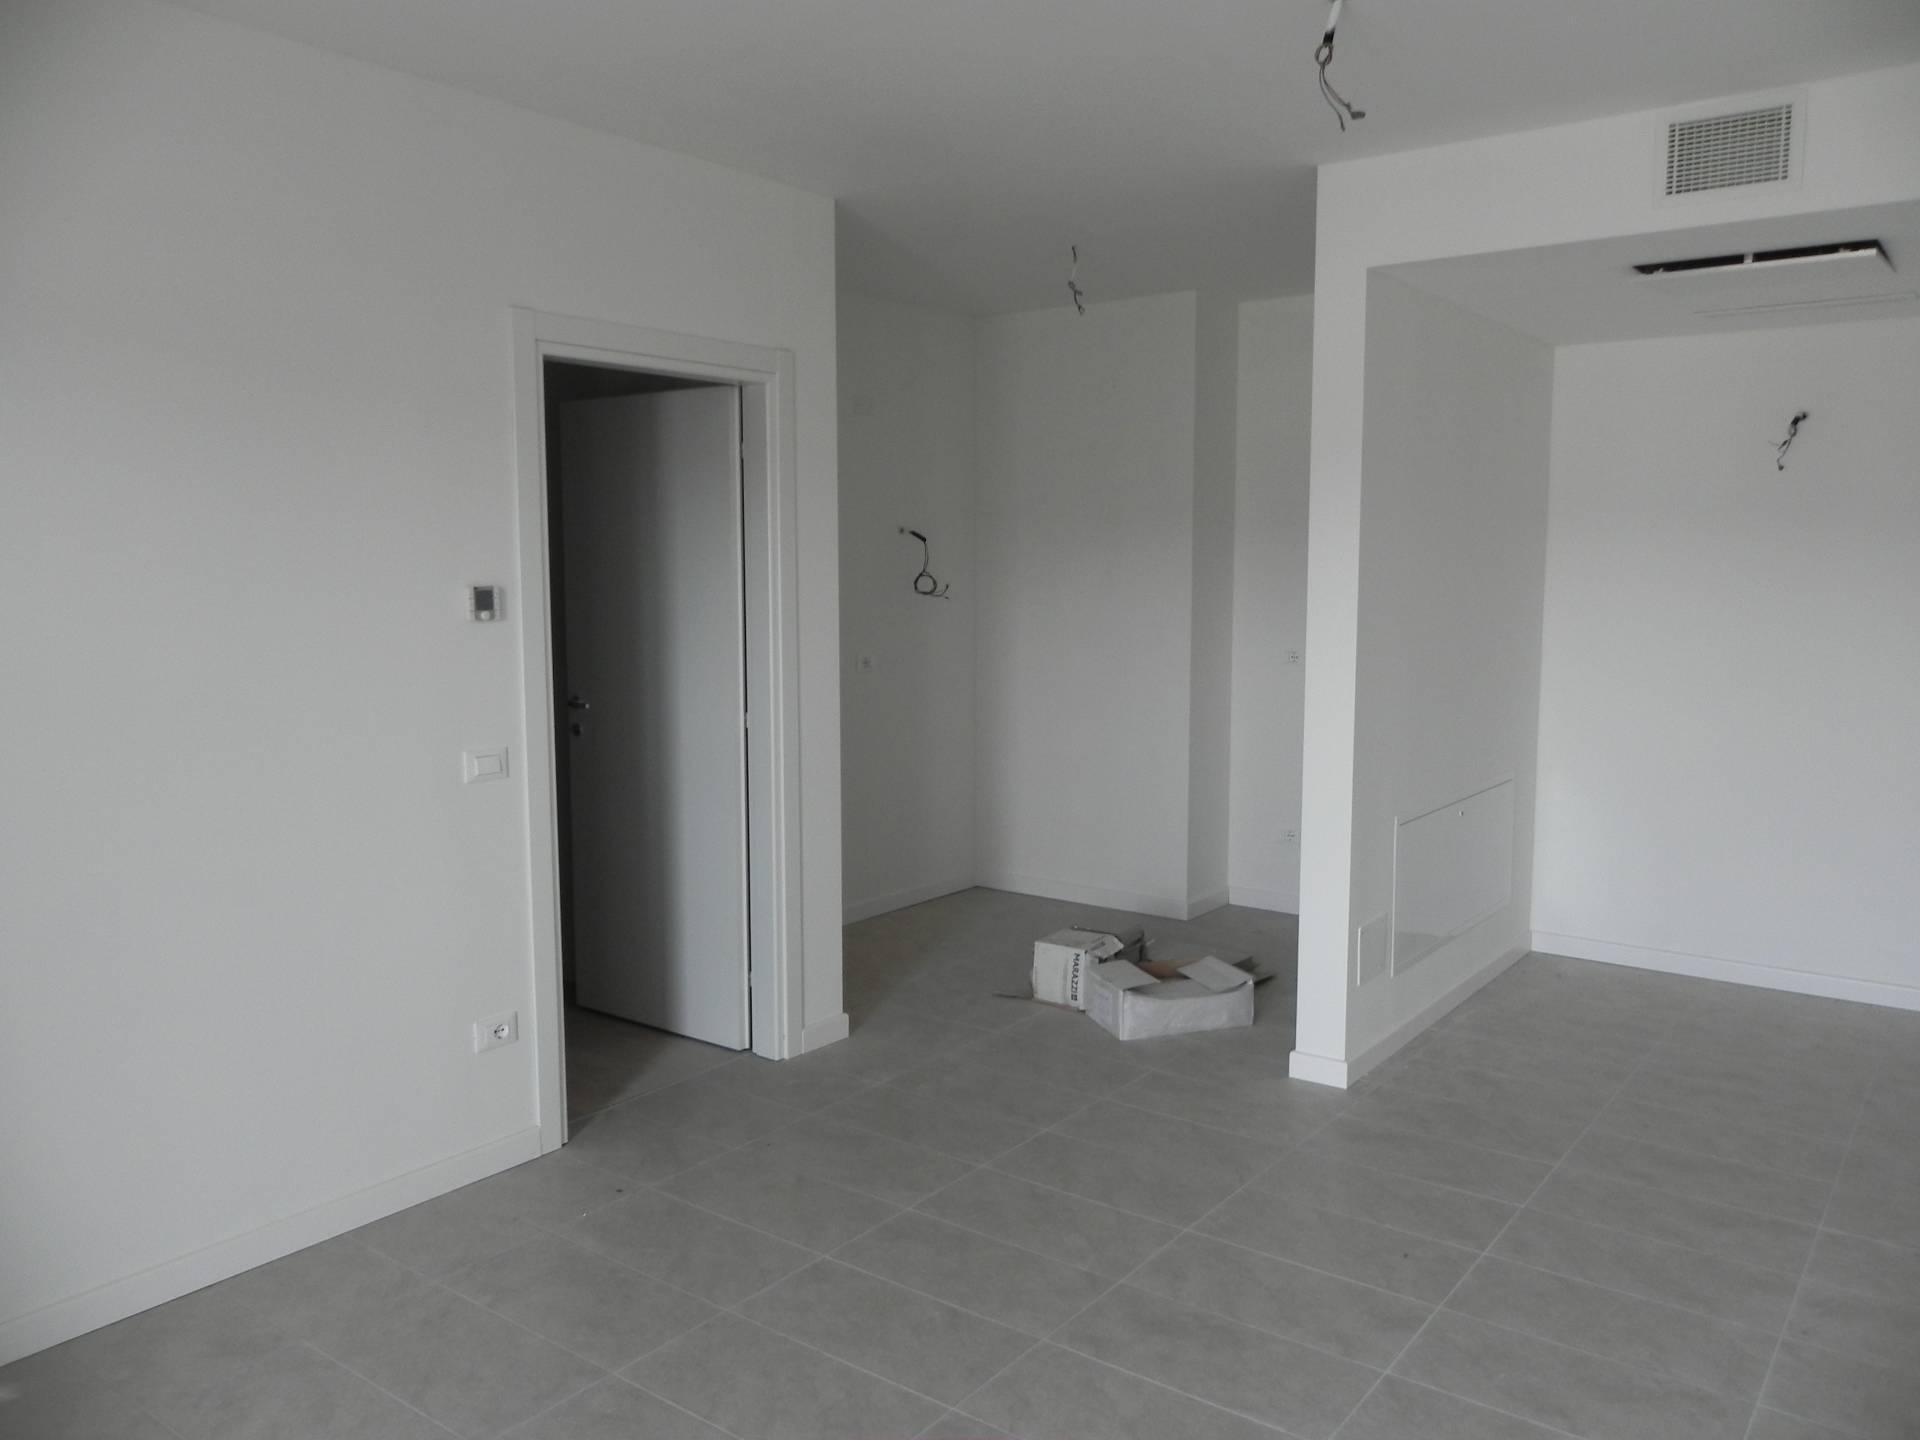 Appartamento in vendita a San Martino Buon Albergo, 3 locali, prezzo € 200.000   CambioCasa.it